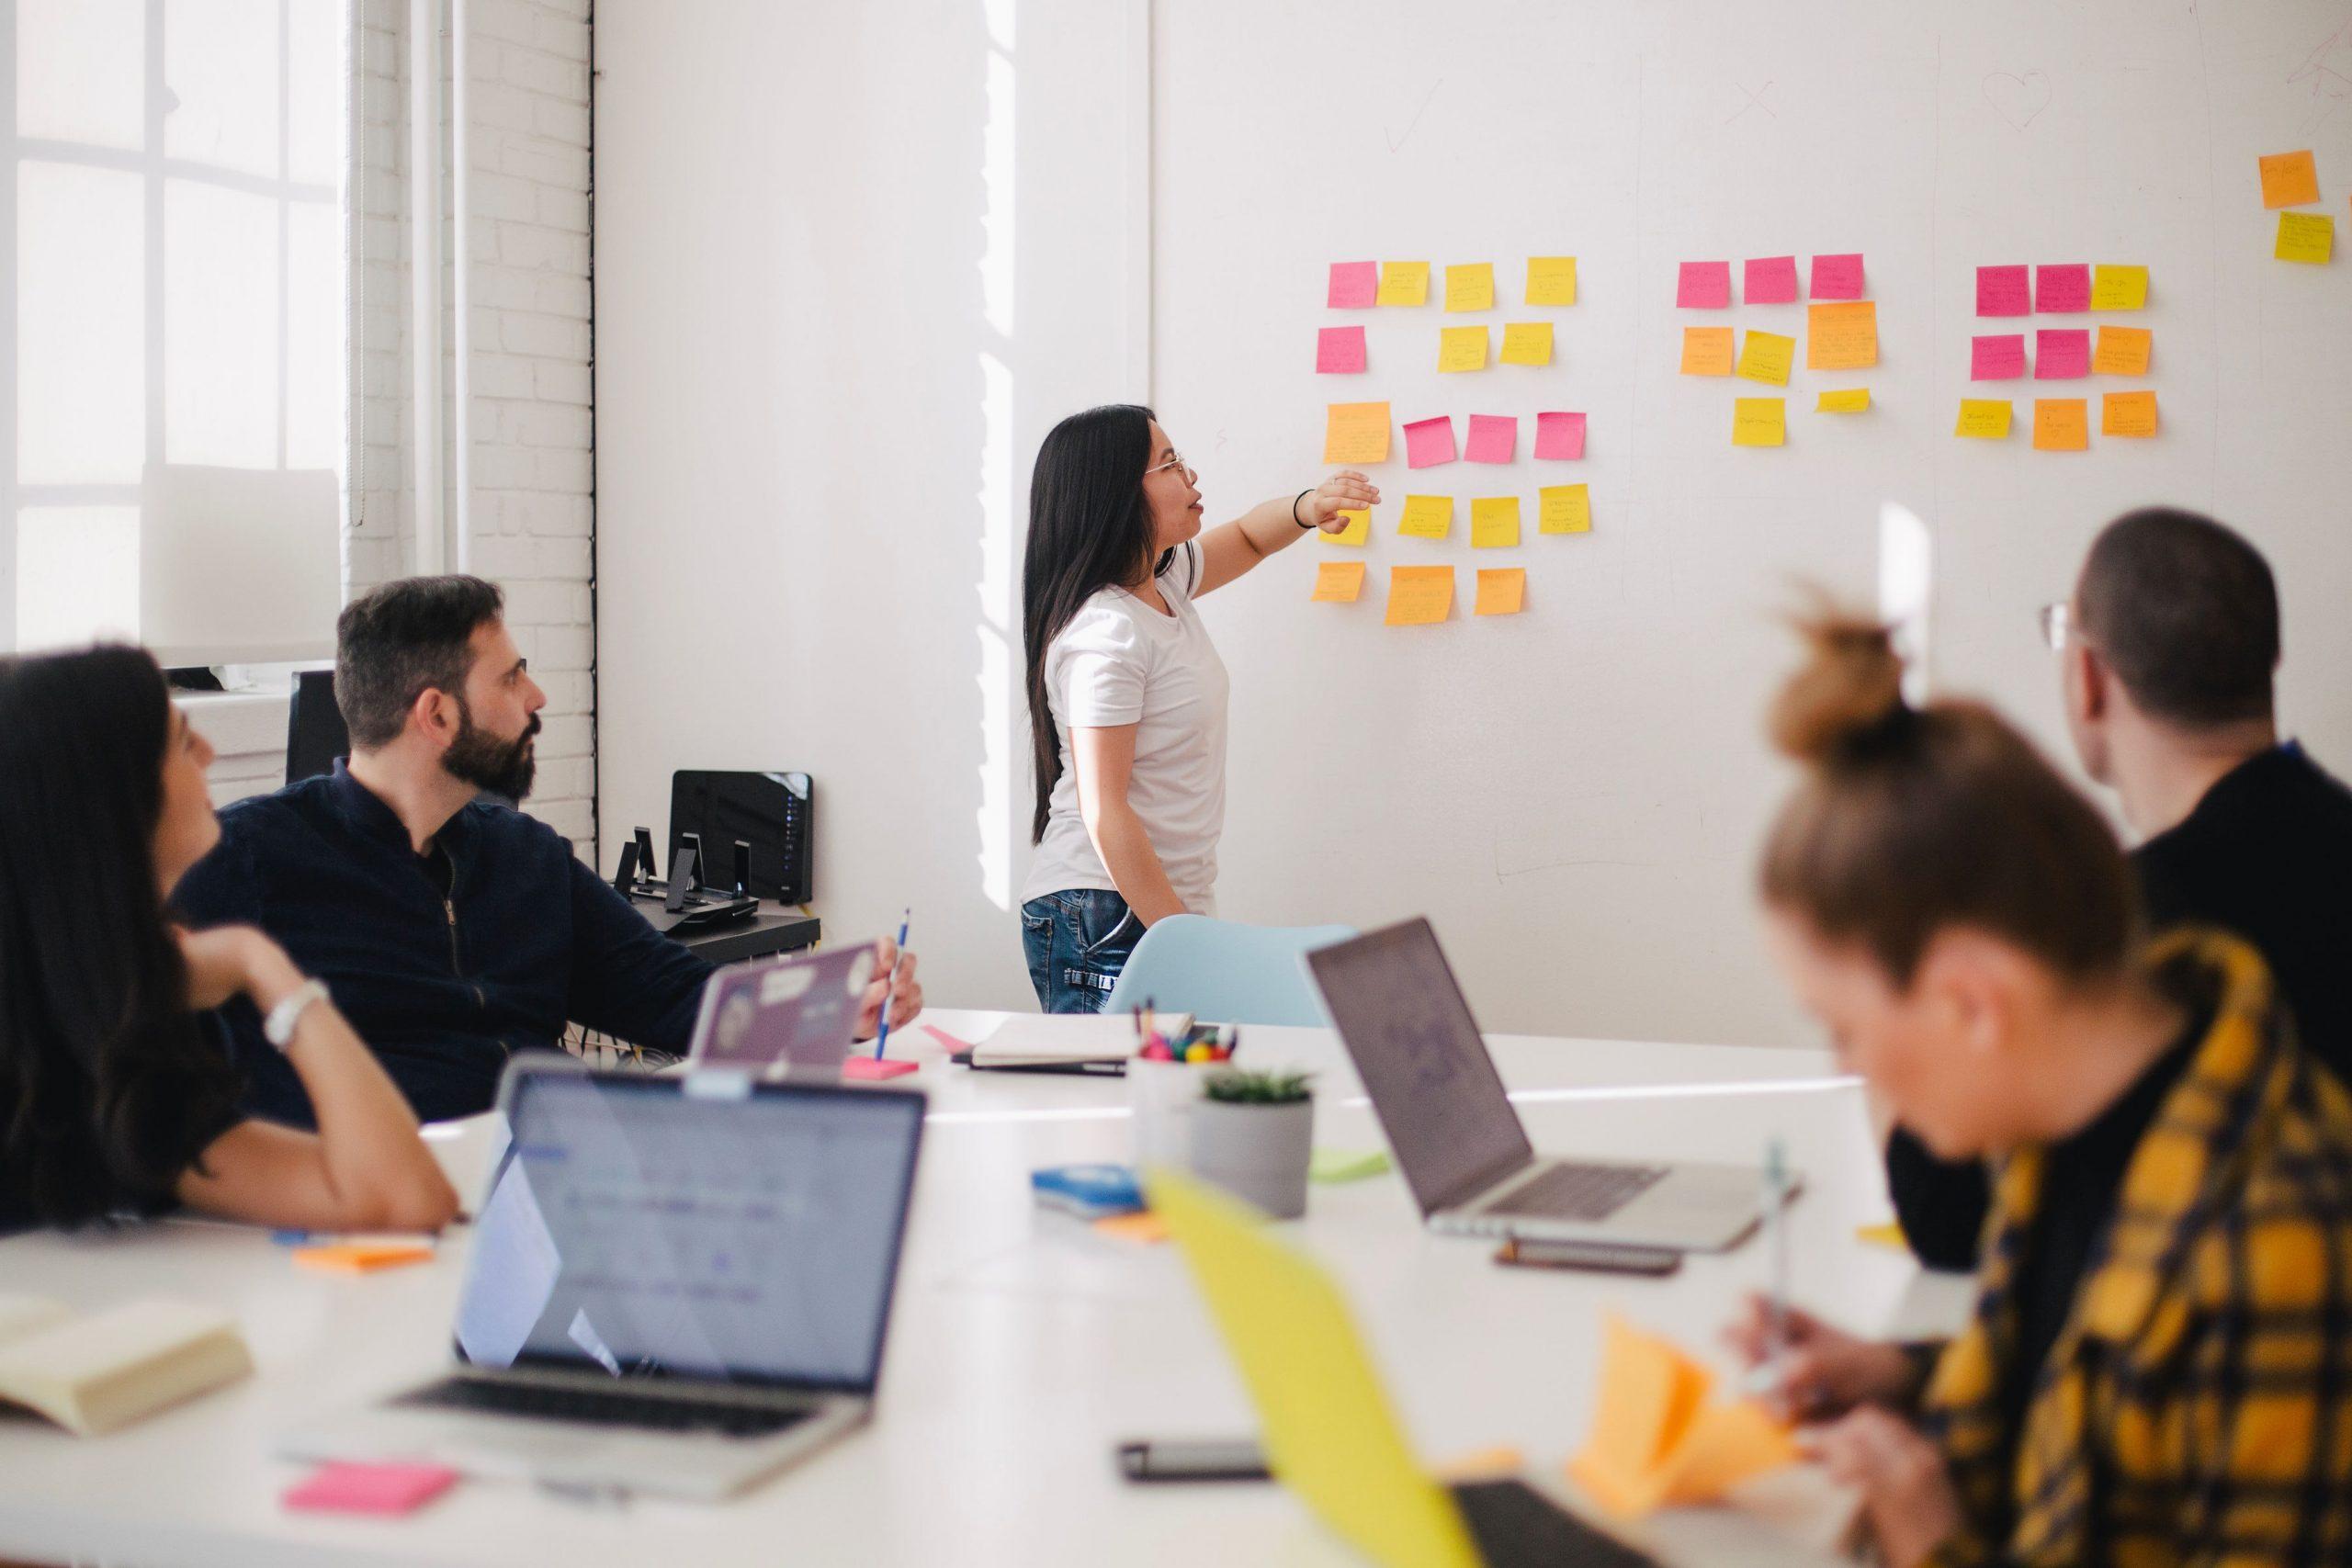 5 maneiras de causar impacto social nos seus negócios